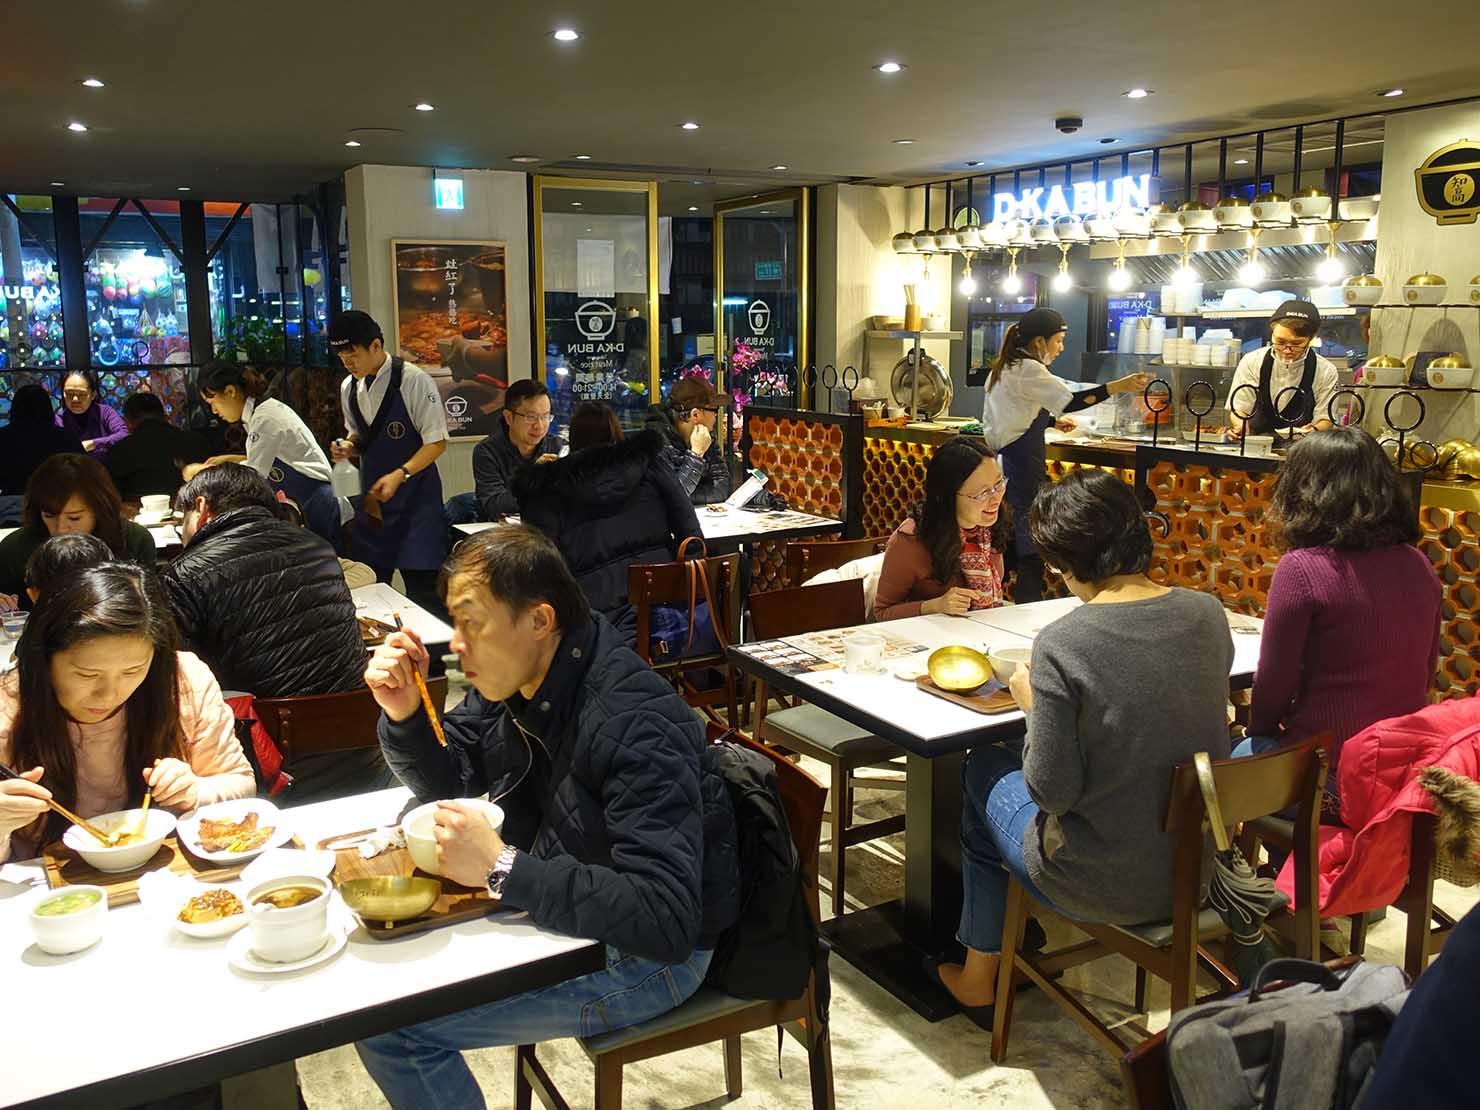 台北・永康街のおすすめグルメ店「灶紅了 D.KA Bun」の店内